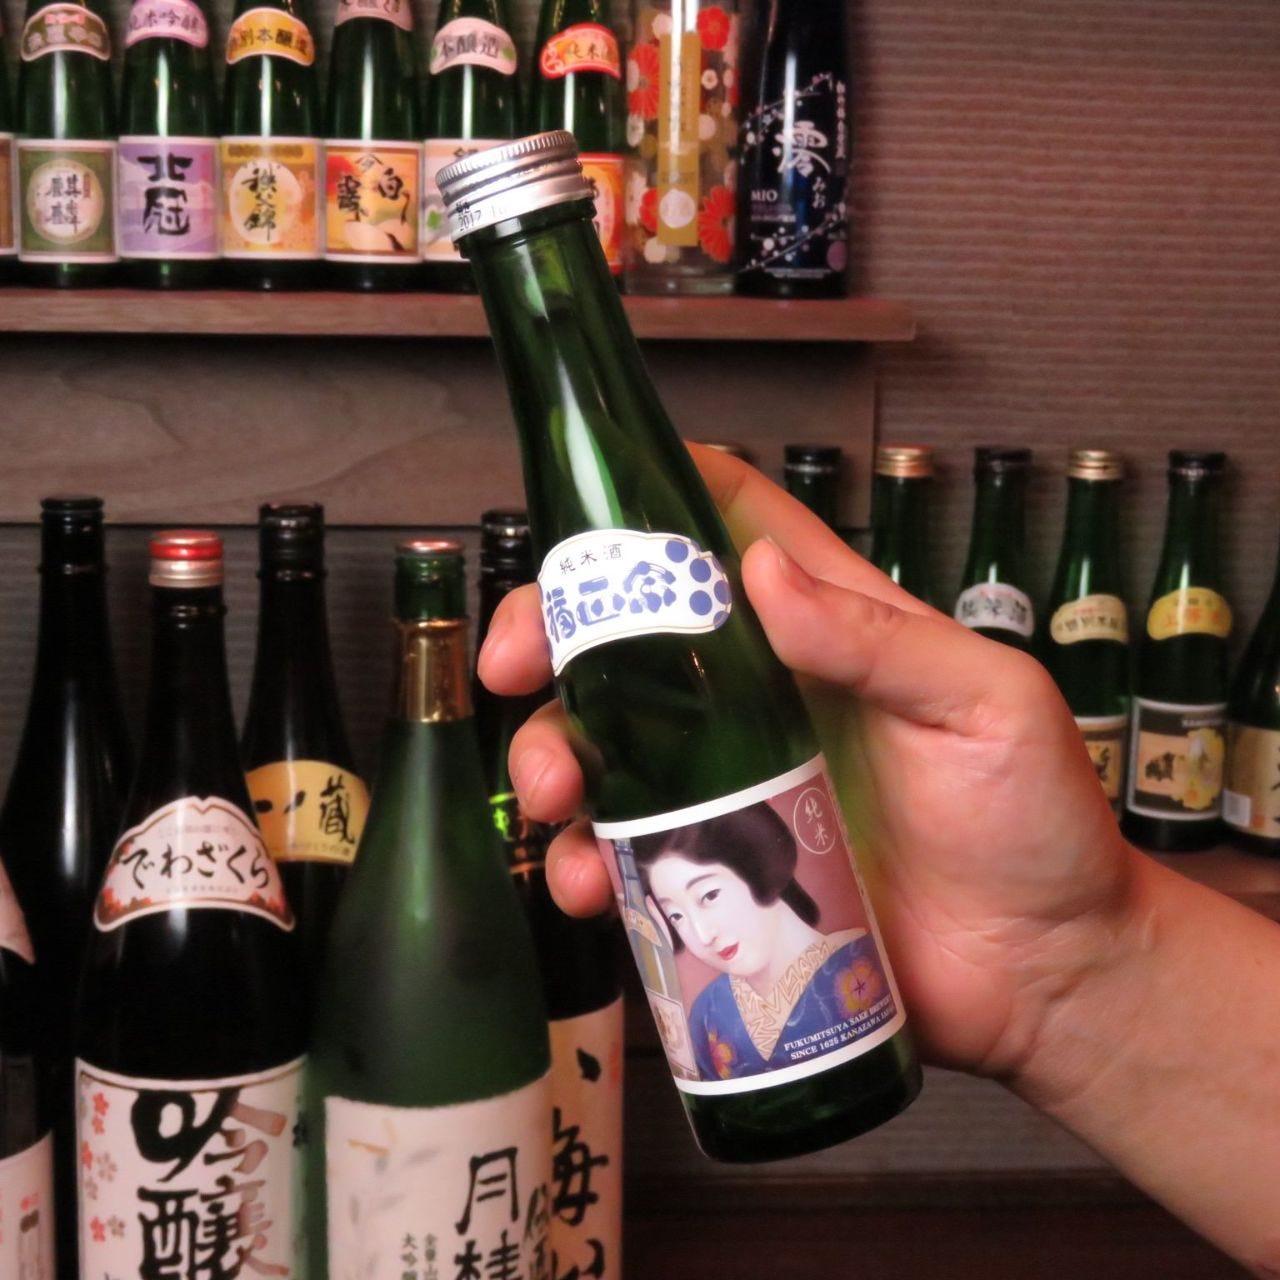 飲みきりサイズの日本酒をお手軽に